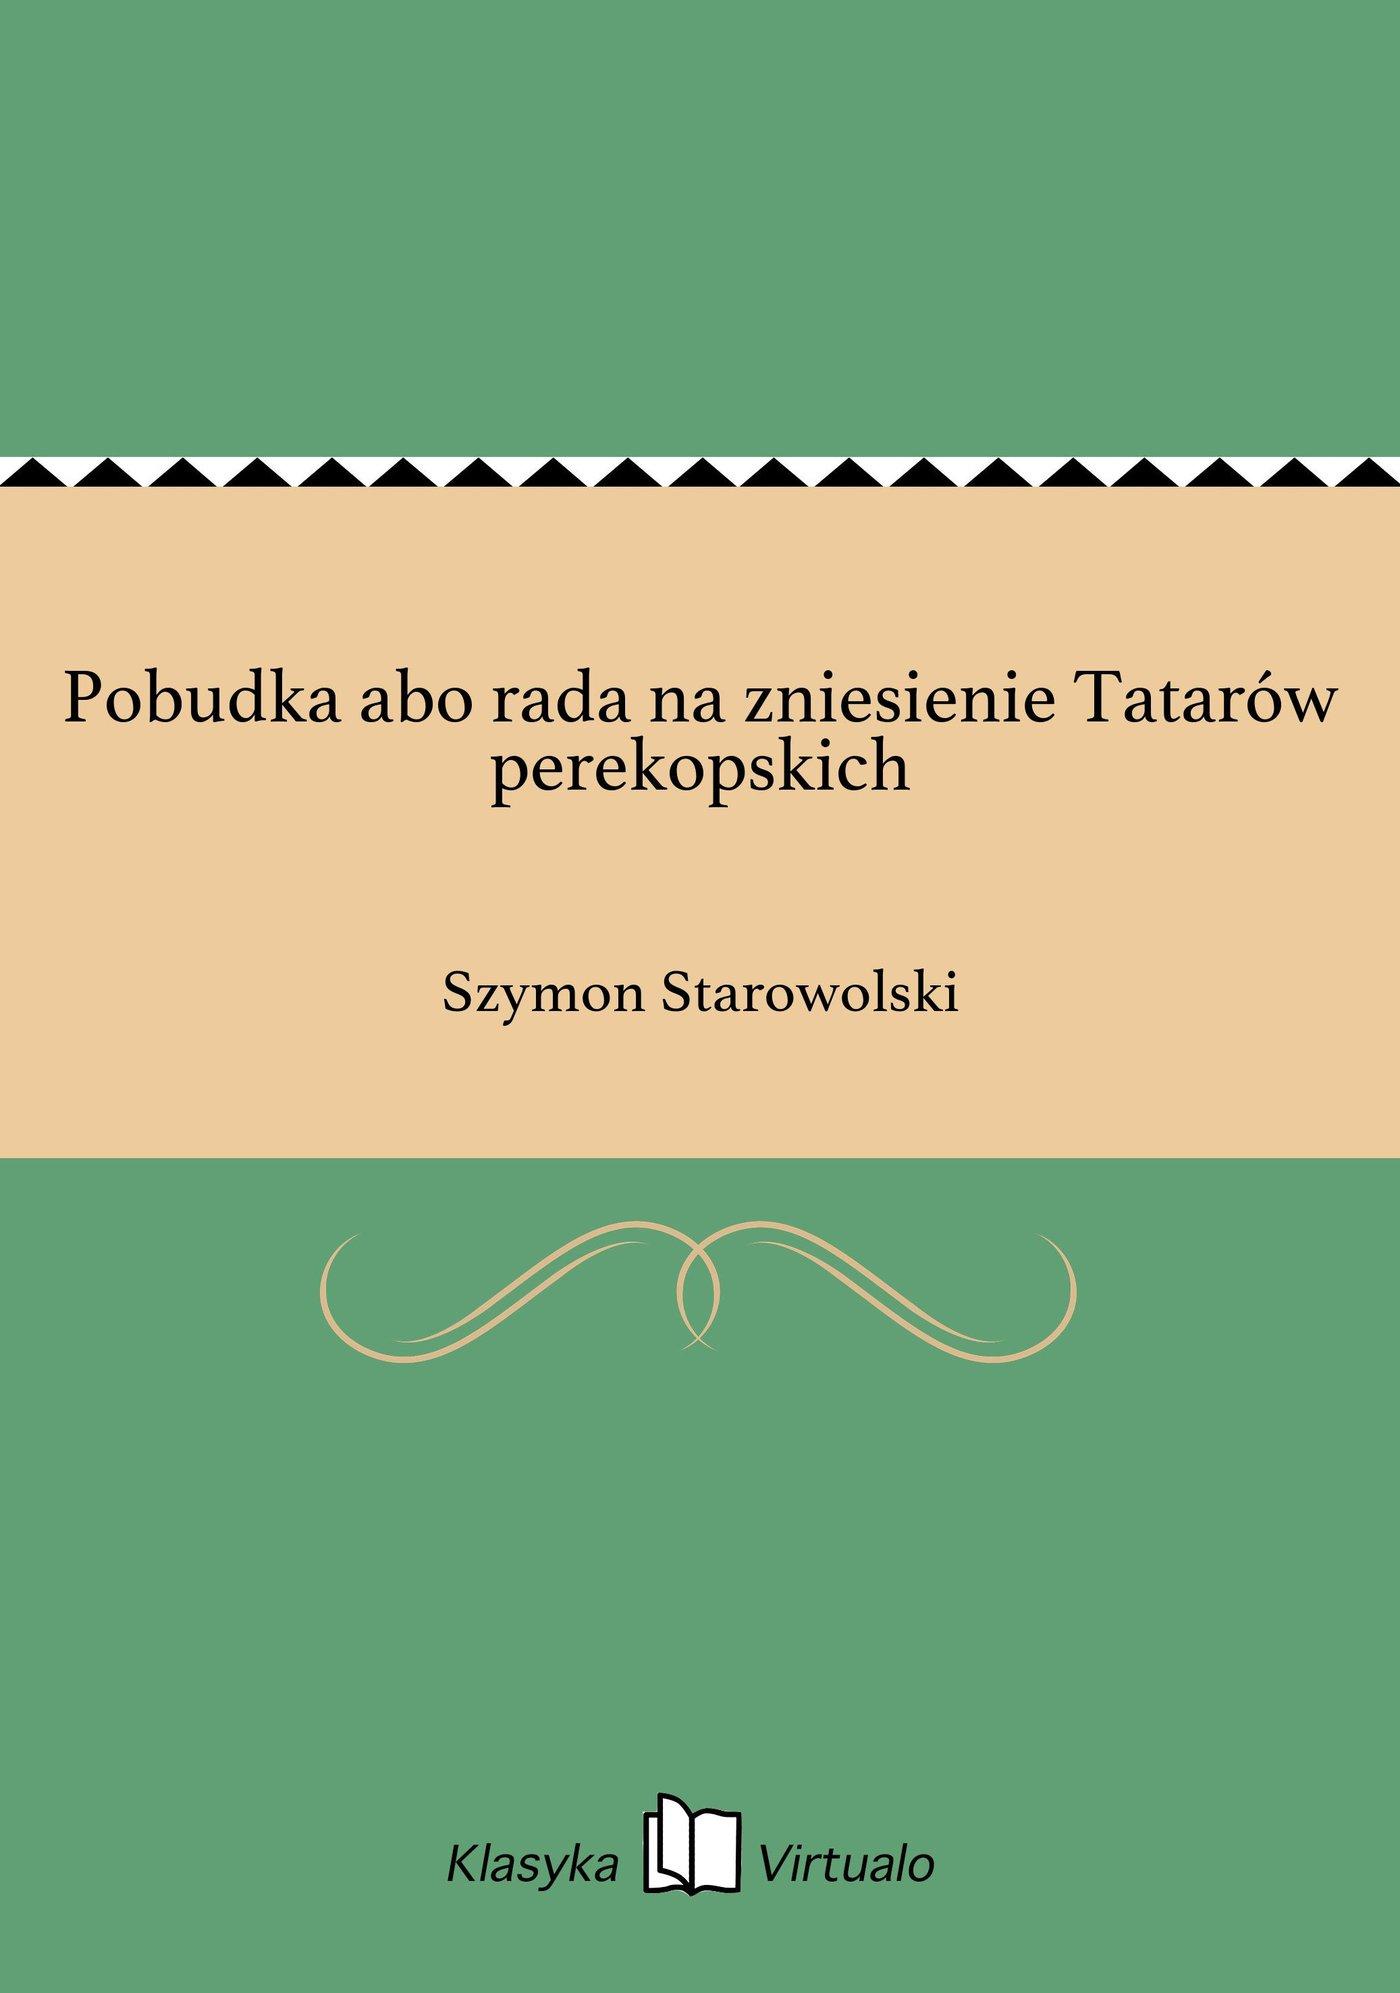 Pobudka abo rada na zniesienie Tatarów perekopskich - Ebook (Książka EPUB) do pobrania w formacie EPUB